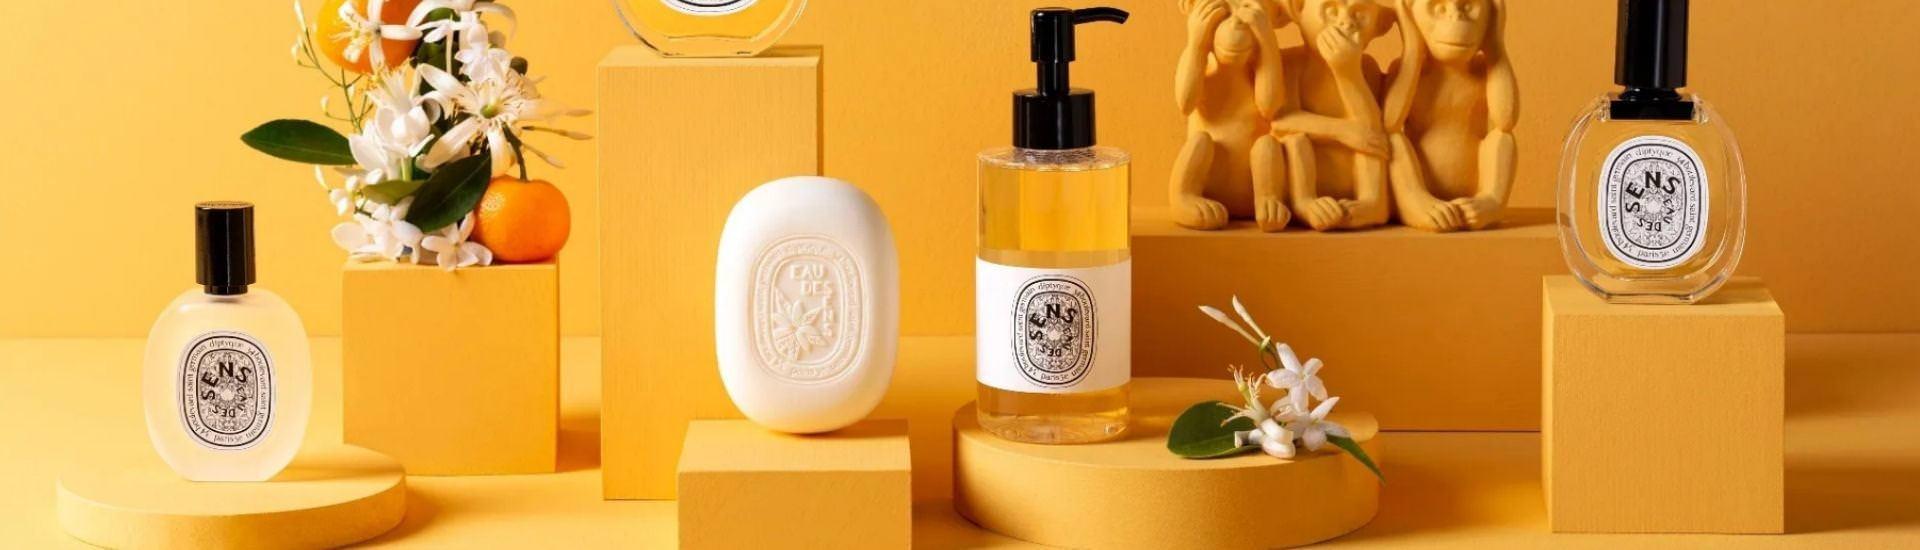 I profumi di nicchia DIPTYQUE su Grela Parfum